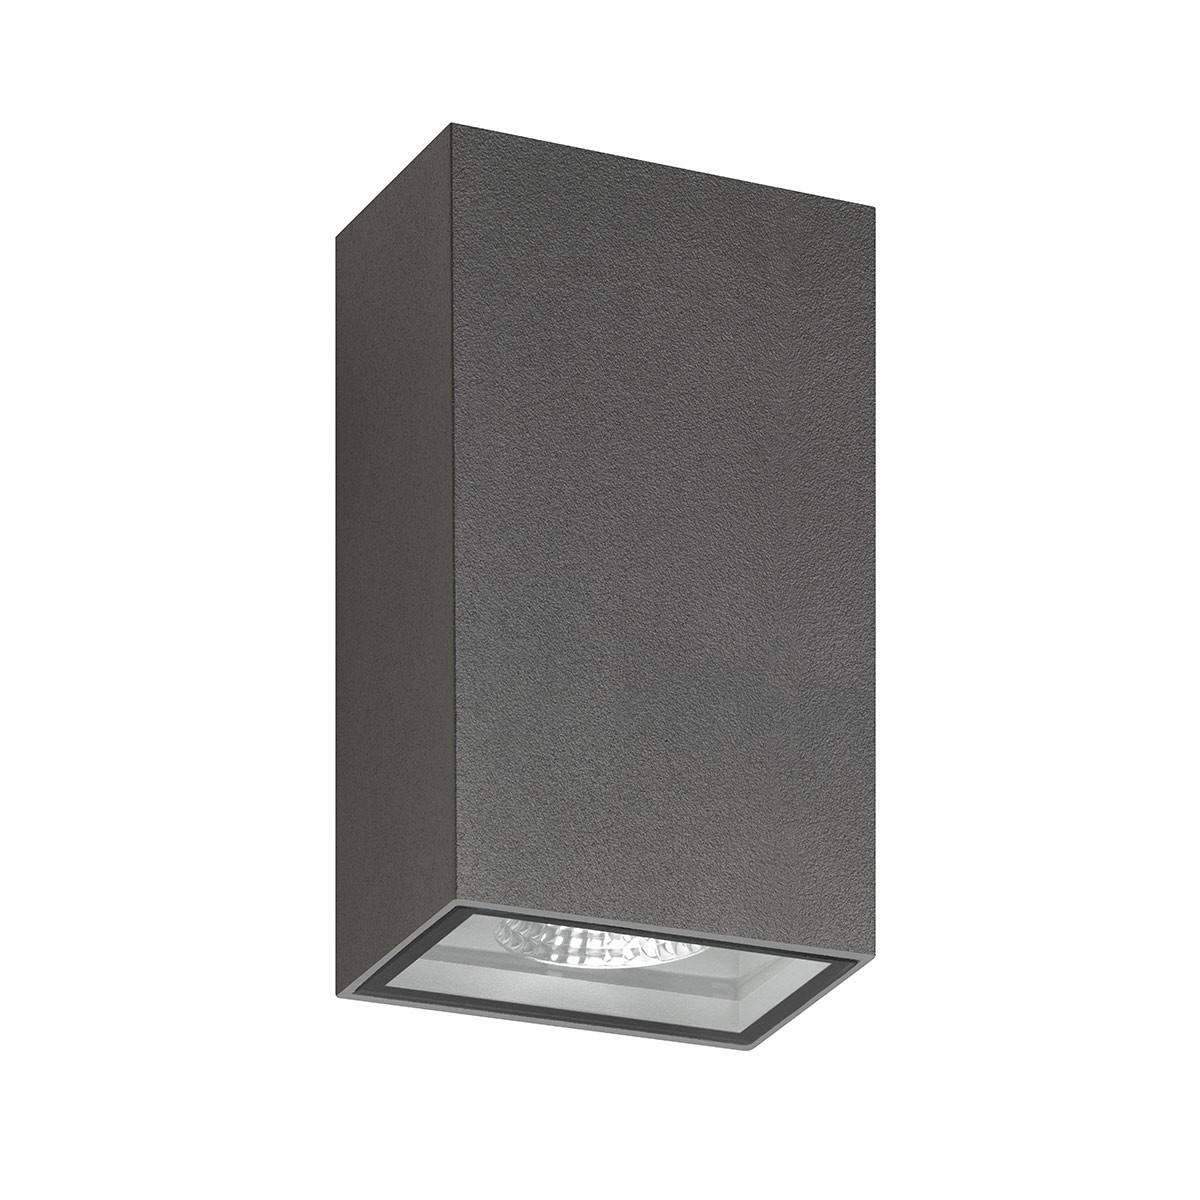 LCD Außenleuchten 5010/5011 Up & Down LED Wandleuchte, graphit